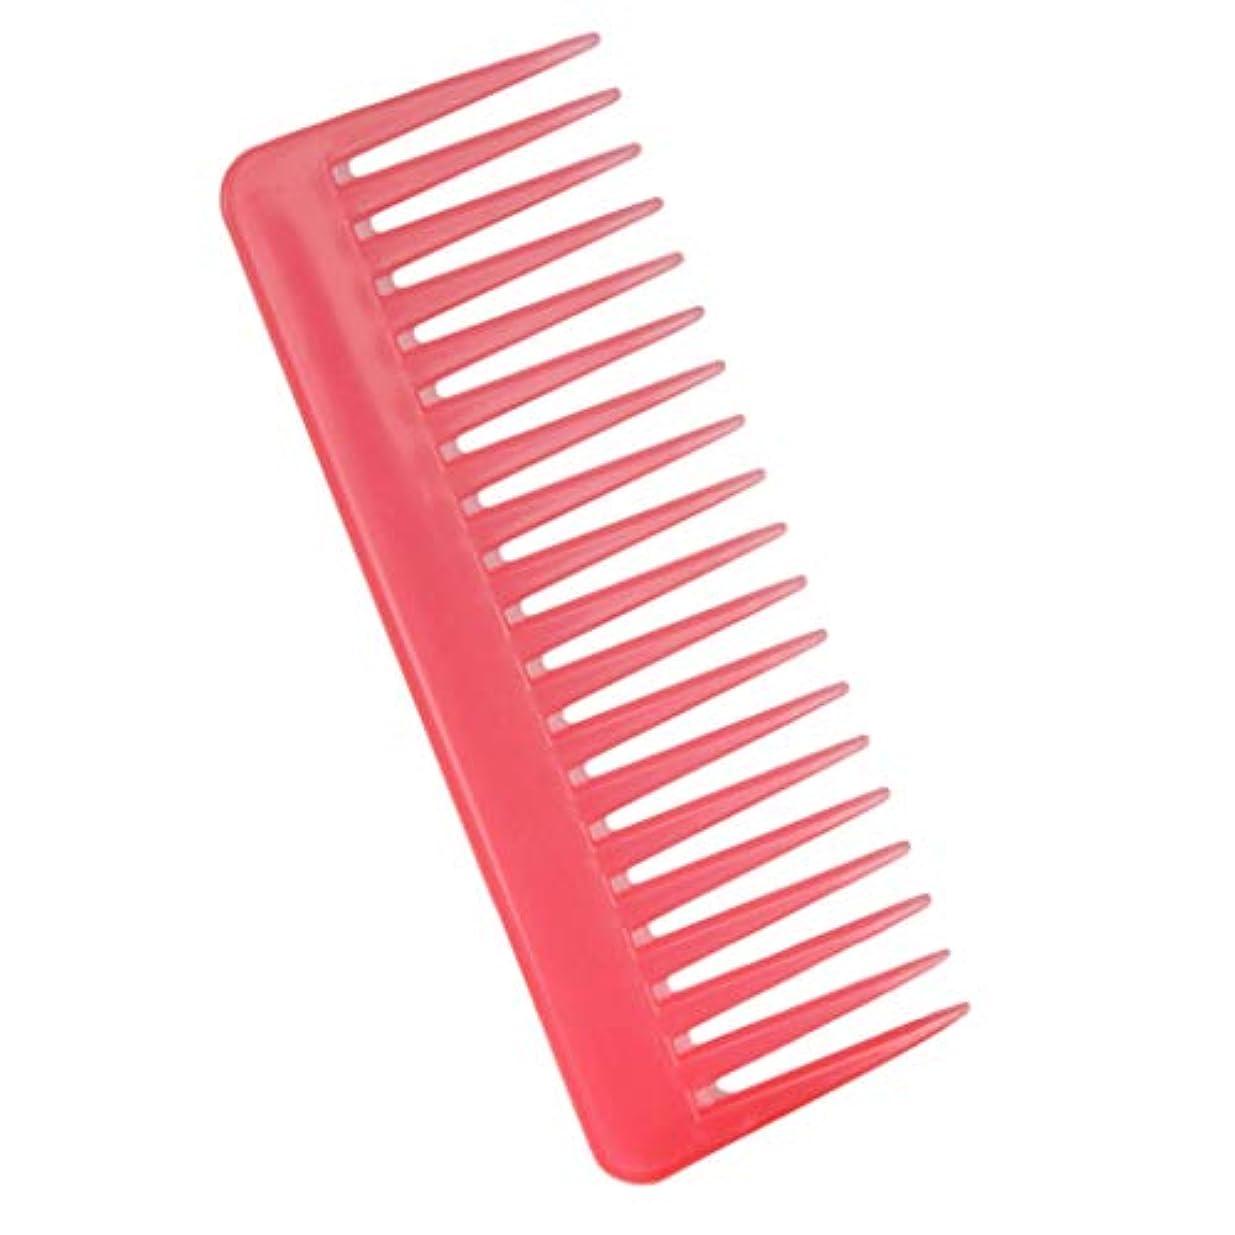 化石ホスト影響帯電防止櫛 ヘアケア ヘアブラシ サロン用 自宅用 ヘアコーム 3色選べ - ピンク